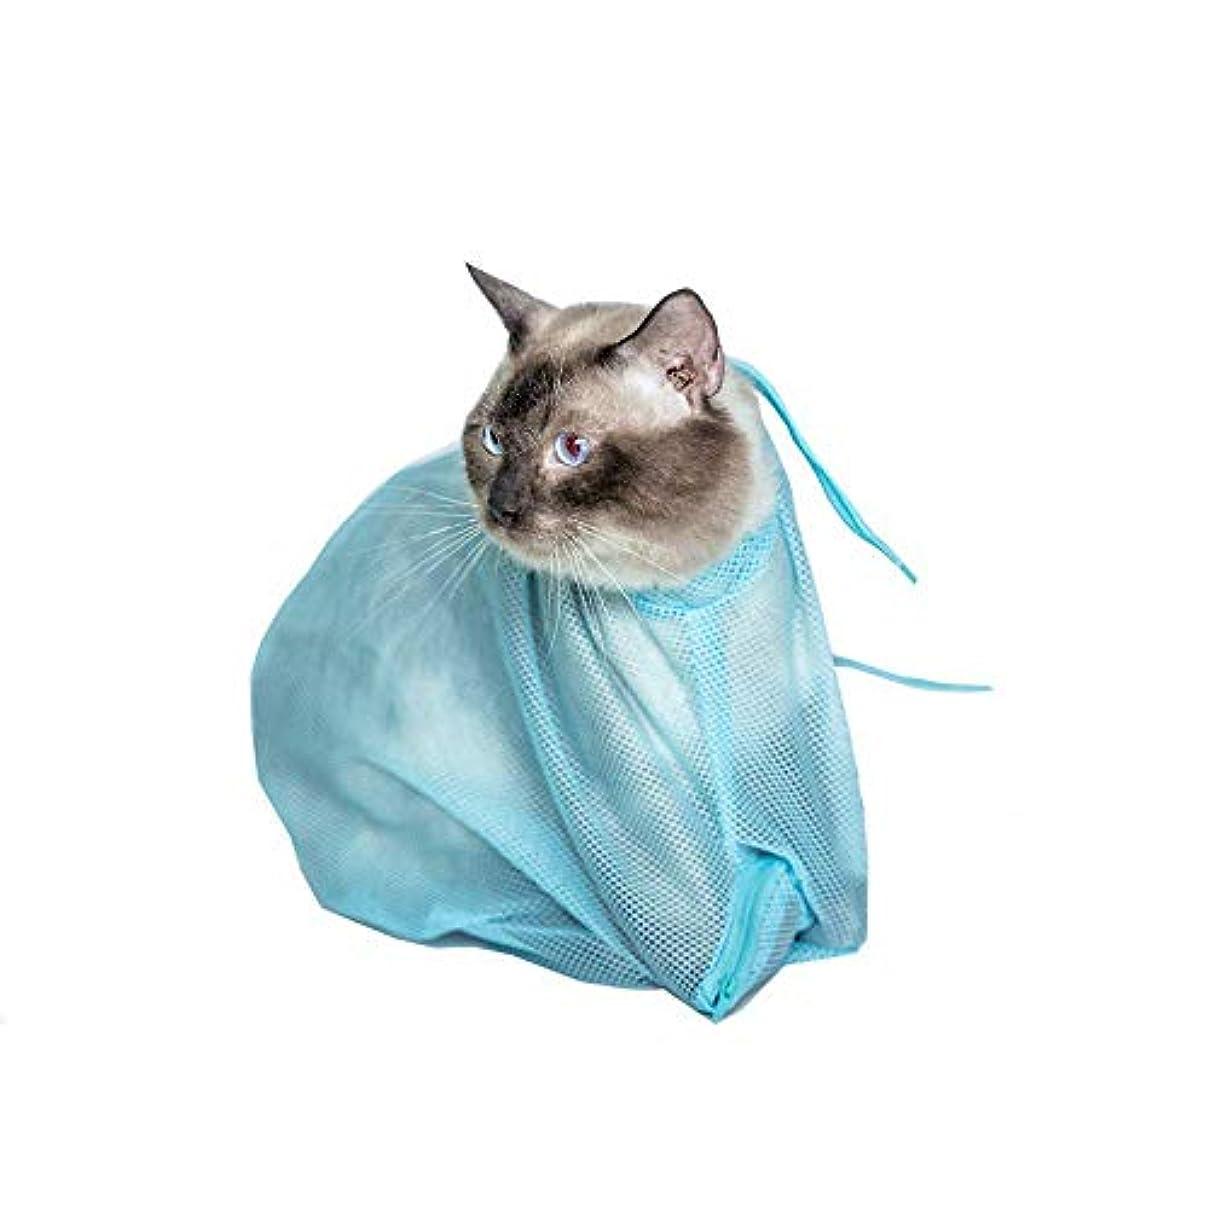 ママ増幅器サスペンド洗濯キャットバッグ 猫用 保定袋 メッシュ 点眼 耳掃除 シャンプー 脱走防止 ブルー